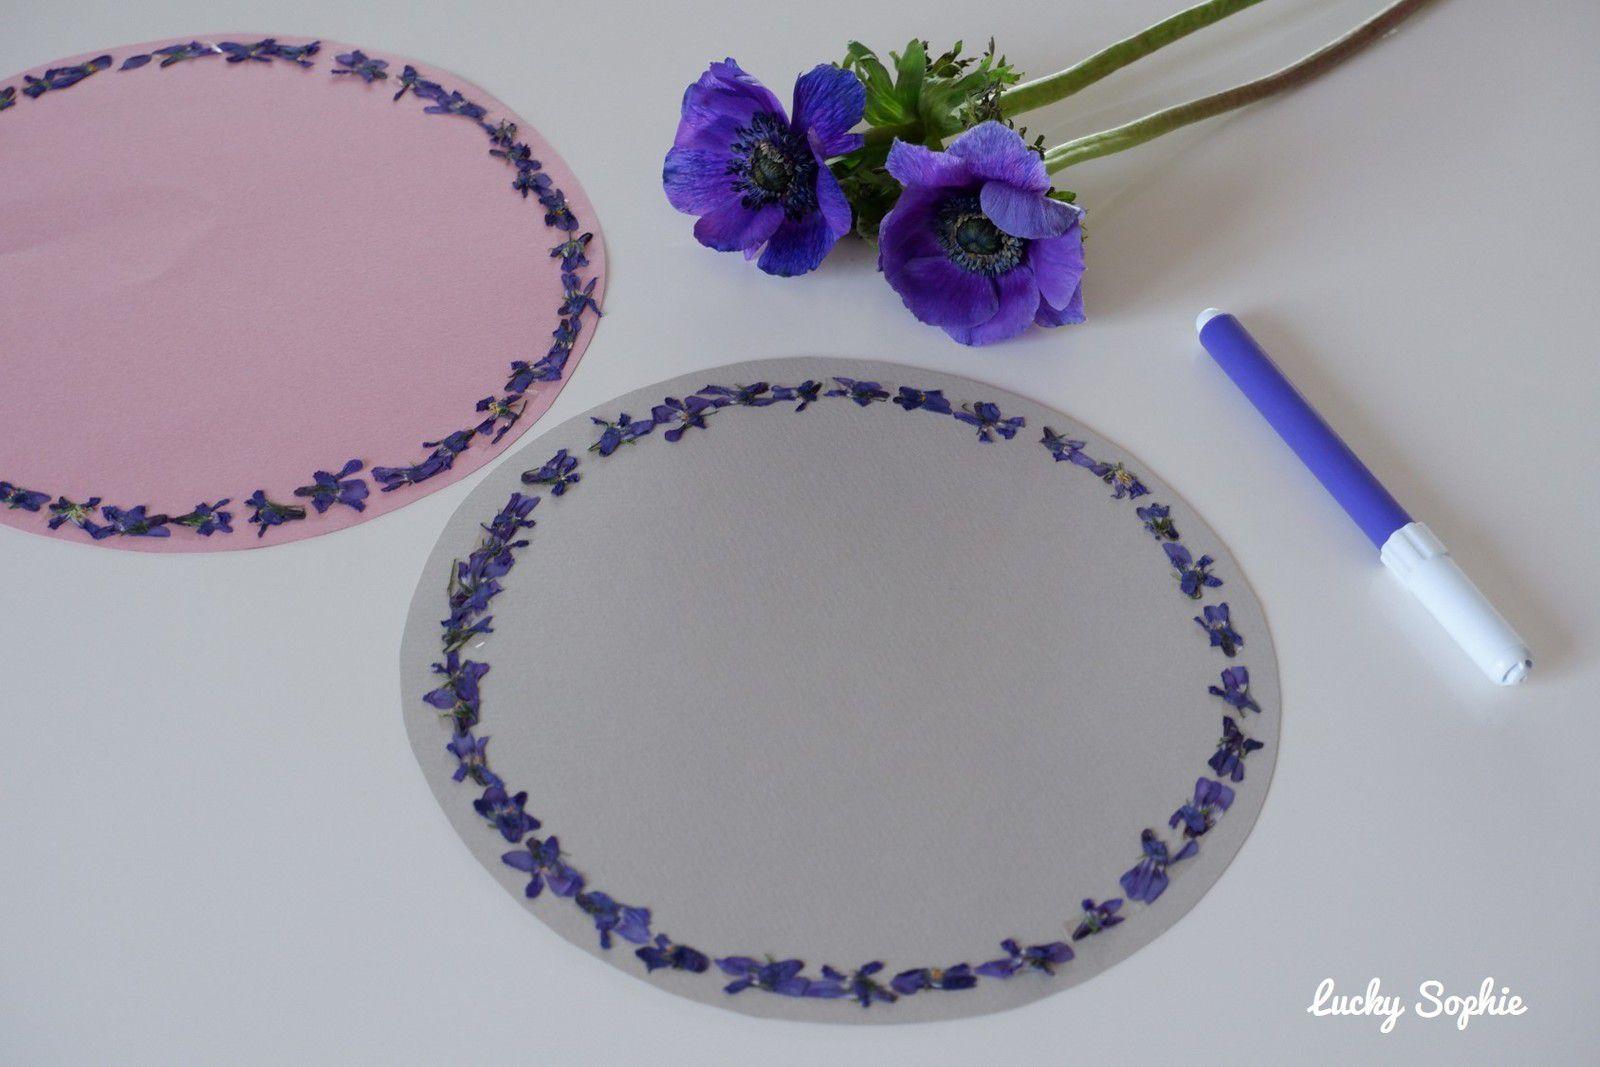 Couronne de printemps en violettes séchées